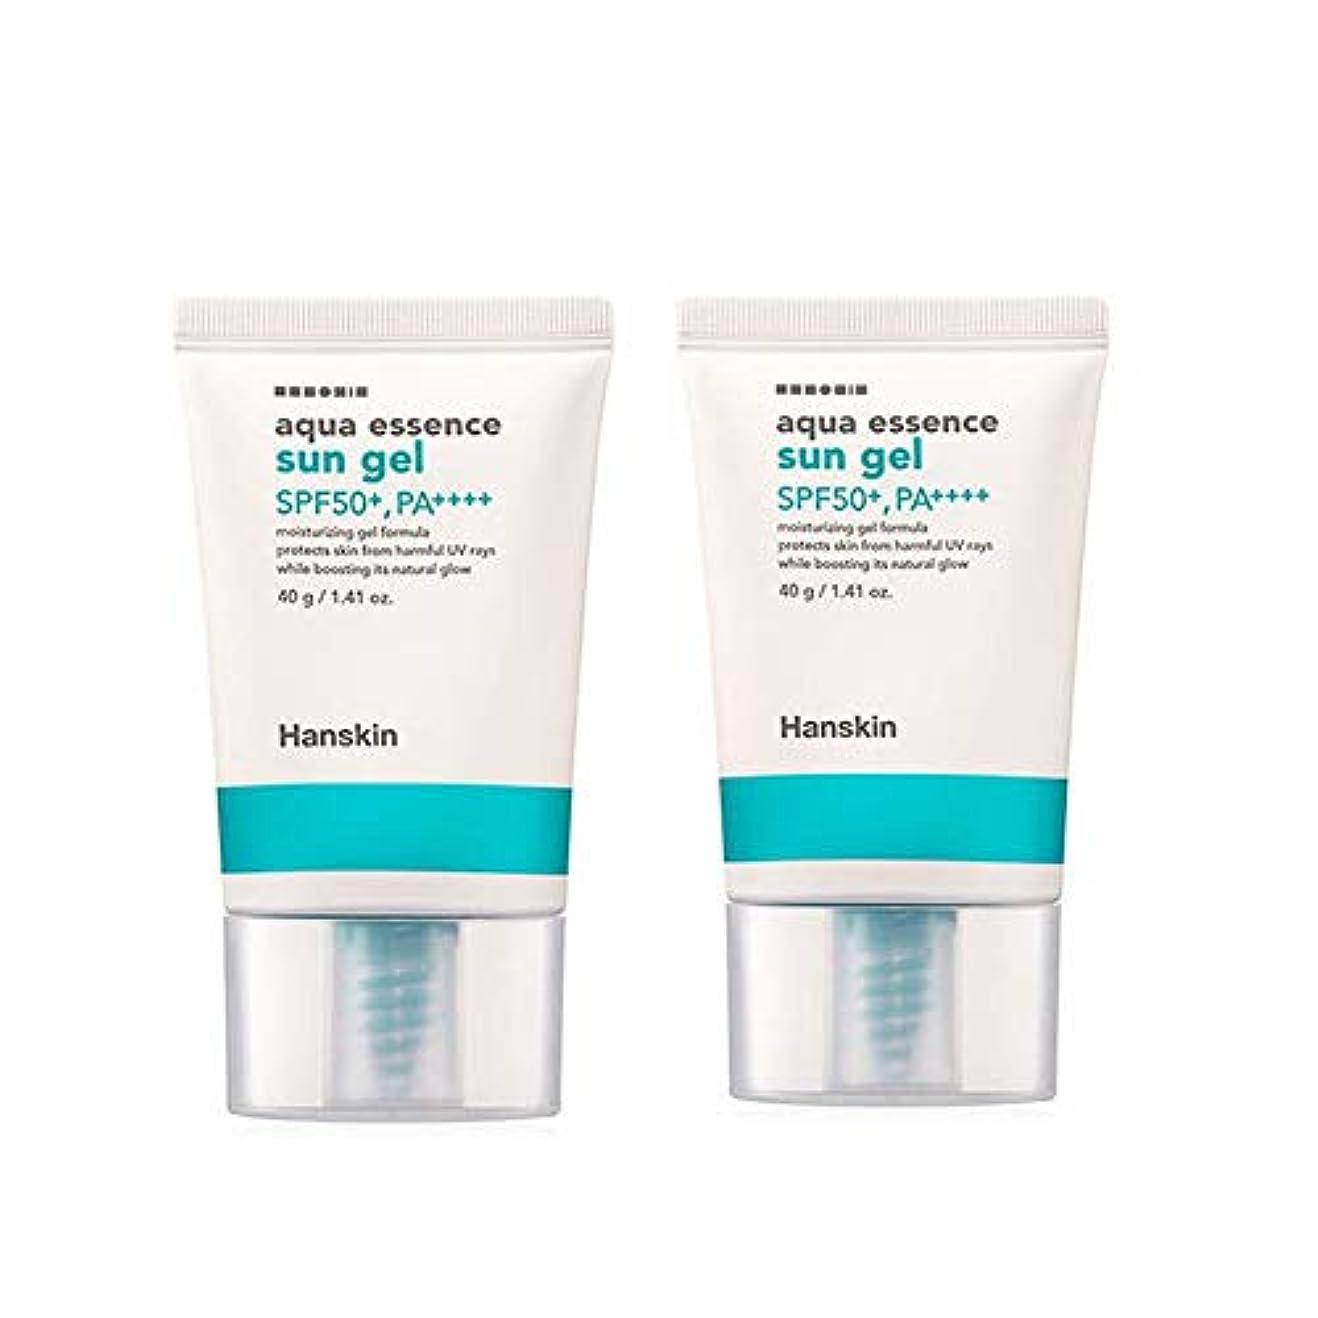 レイアウト季節症状ハンスキンアクアエッセンスサンゼル40gx2本セットサンクリーム韓国コスメ、Hanskin Aqua Essence Sun Gel 40g x 2ea Set Sun Cream Korean Cosmetics [並行輸入品]